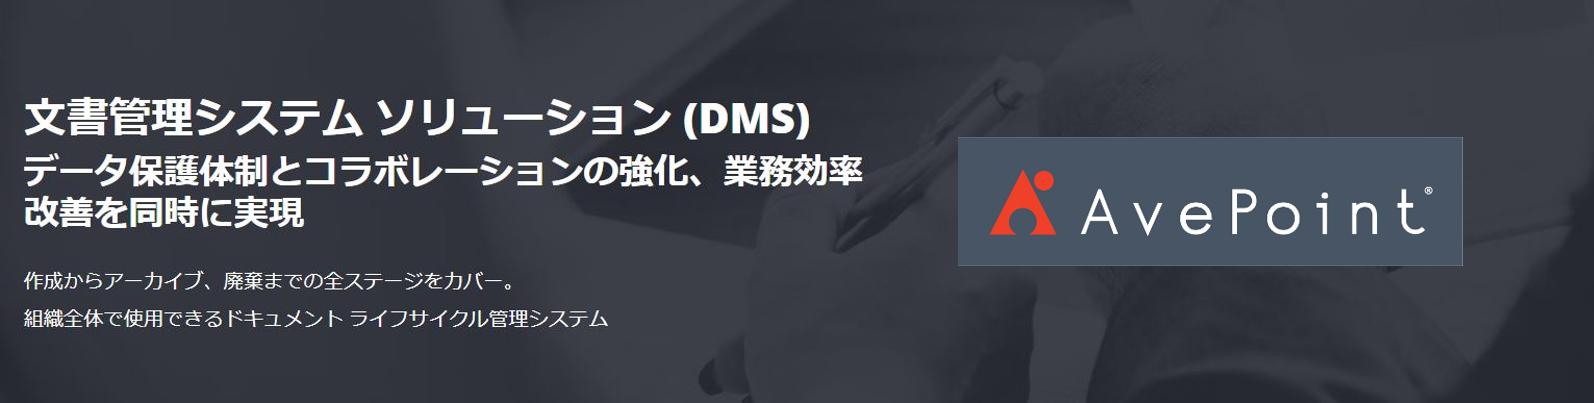 文書管理システム (DMS) についての考え方とアプローチ